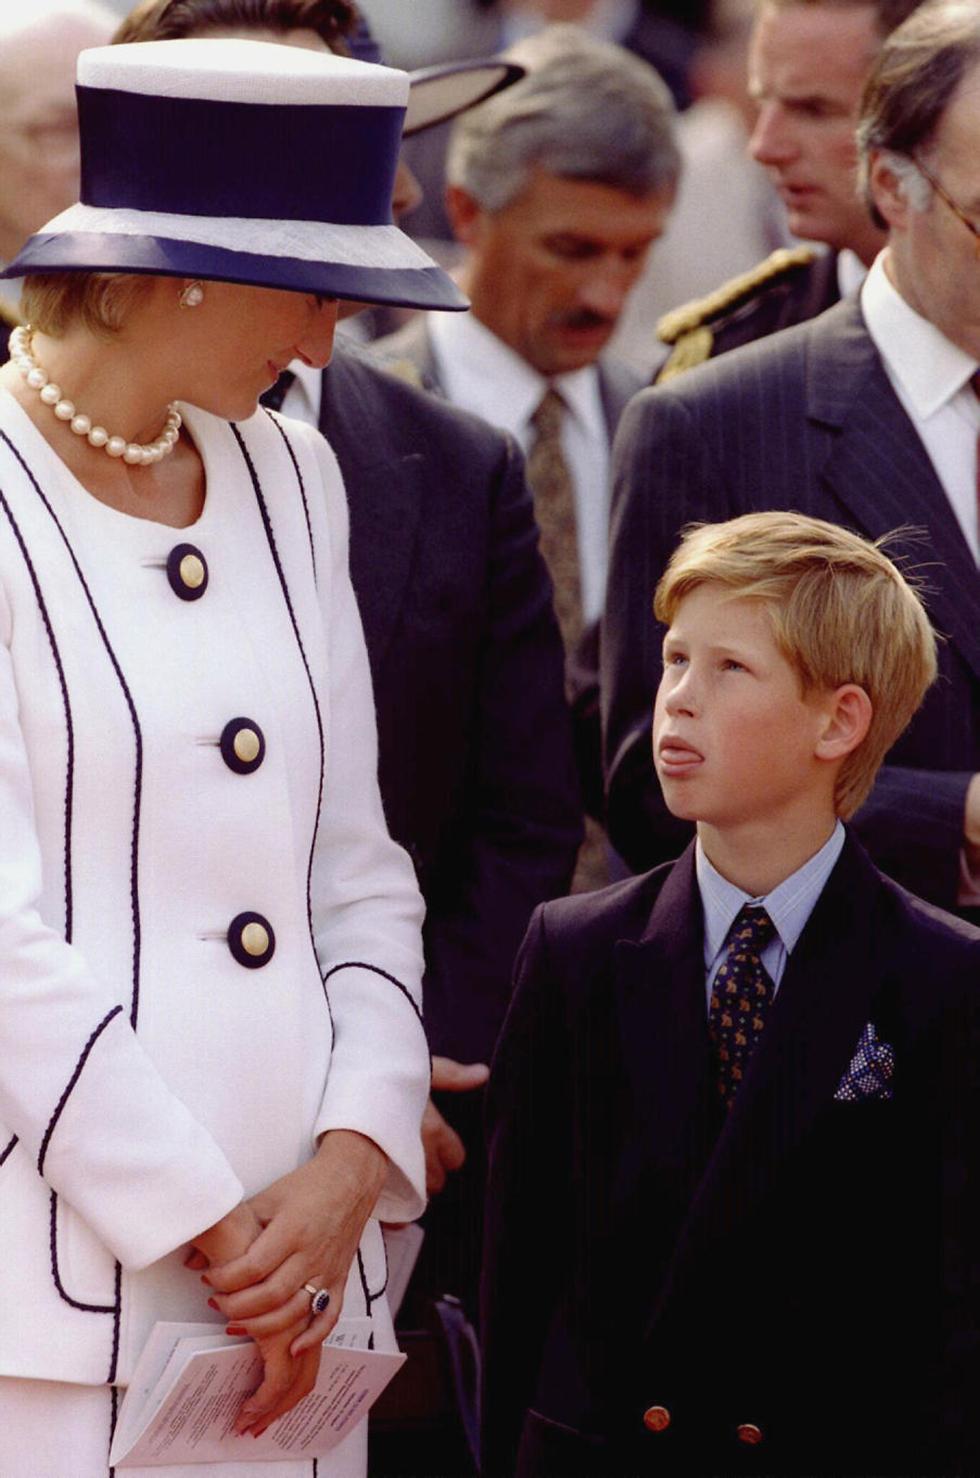 """""""לימדה אותי איך לחיות חיים פשוטים"""". הארי עם אמו דיאנה (צילום: רויטרס) (צילום: רויטרס)"""